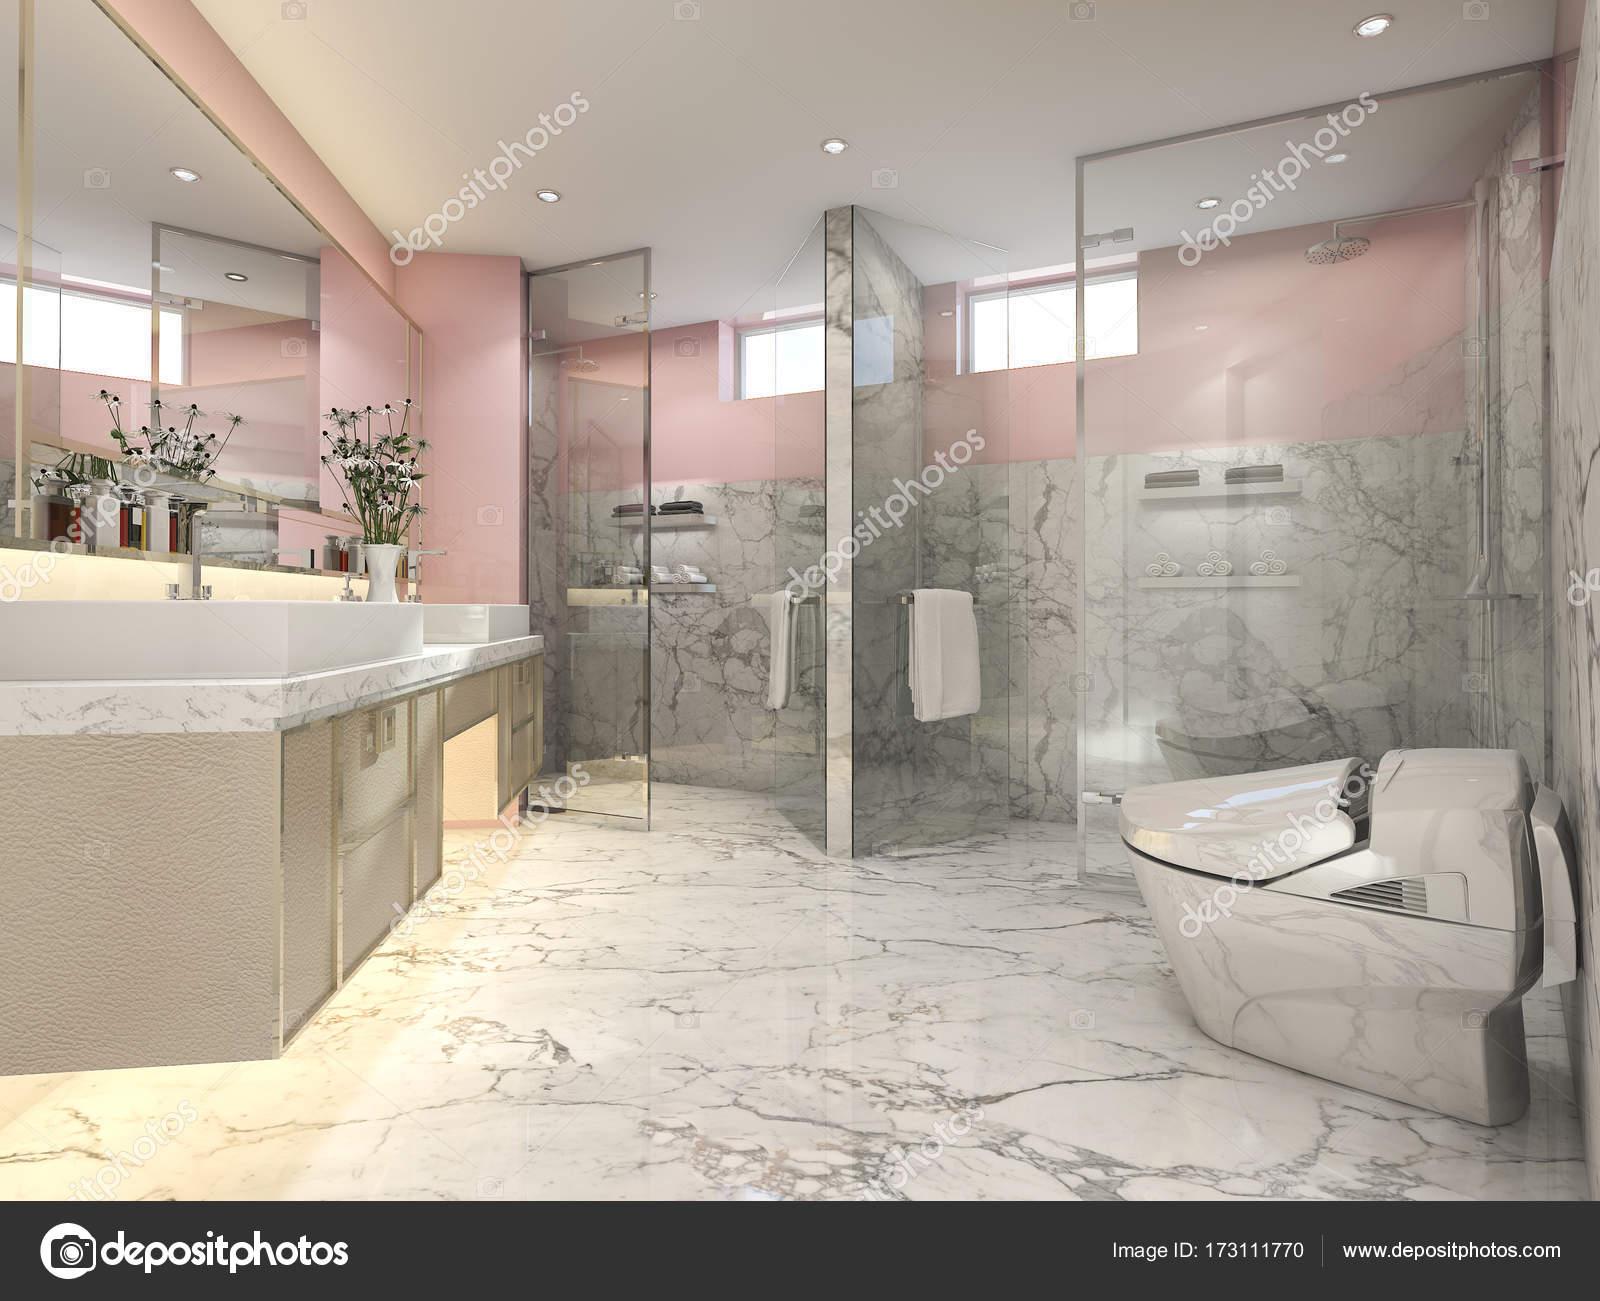 Decoracion cuartos de ba o de lujo 3d render rosa for Decoracion cuartos de bano